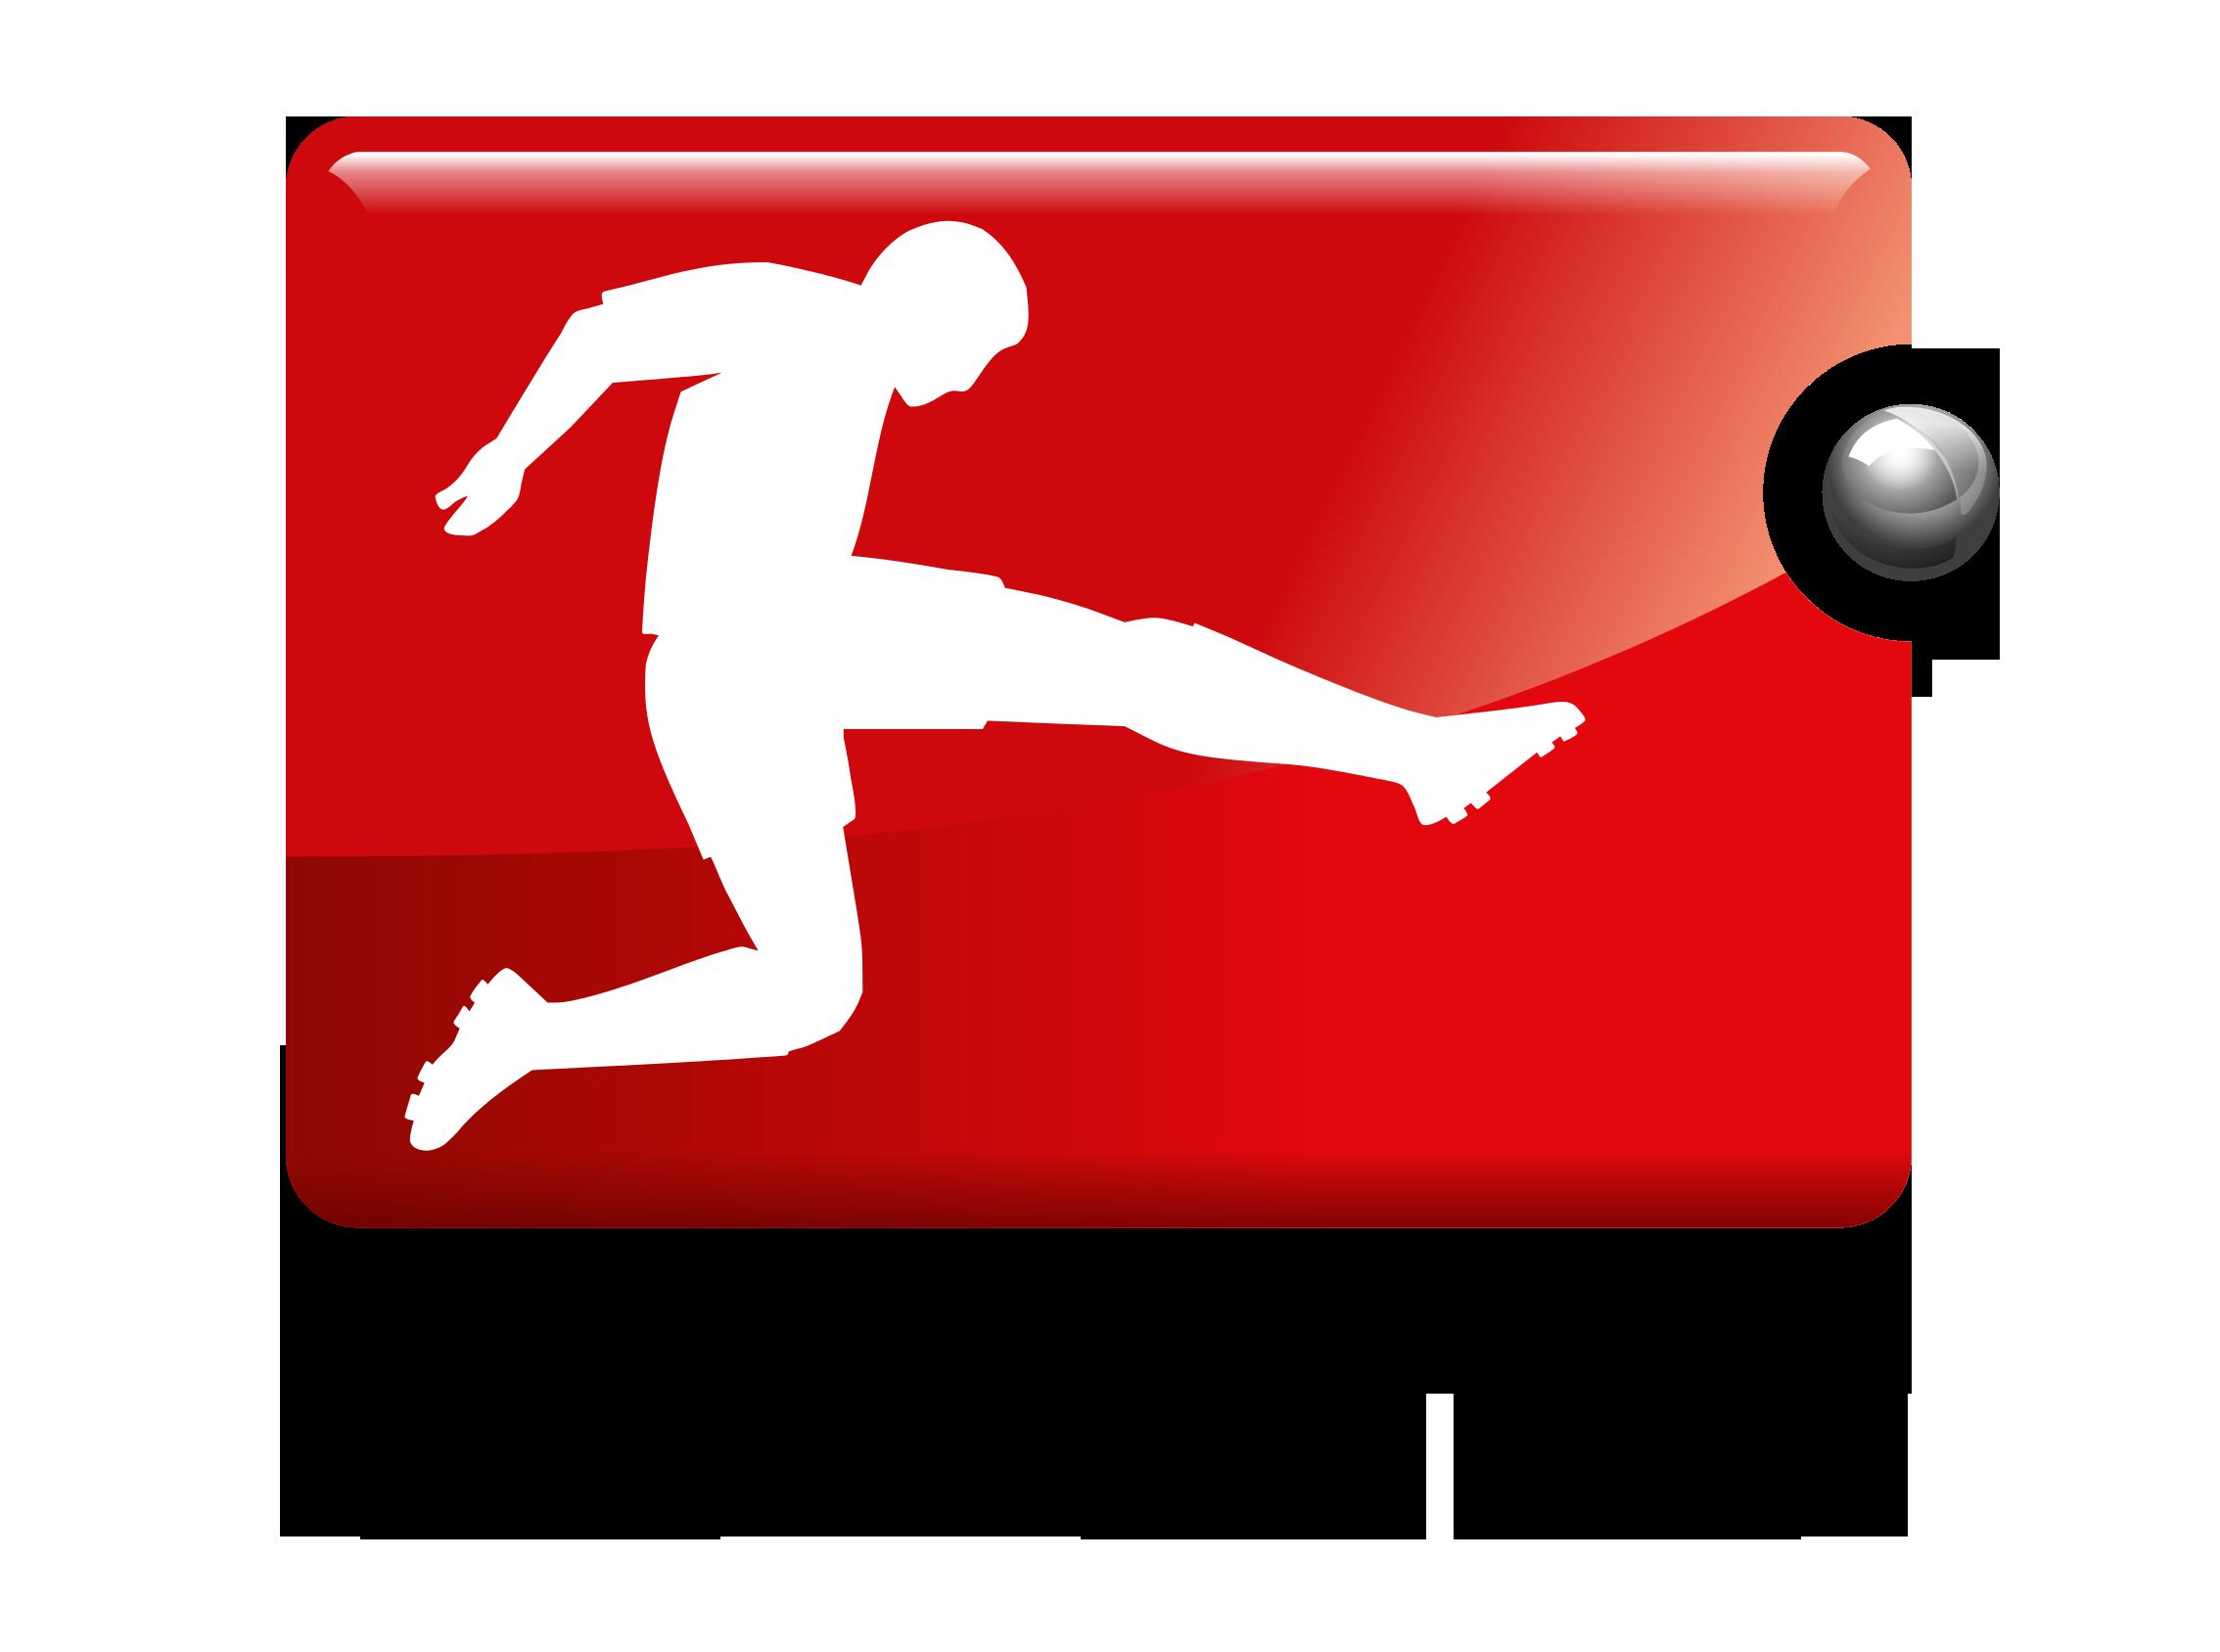 Nemecká liga